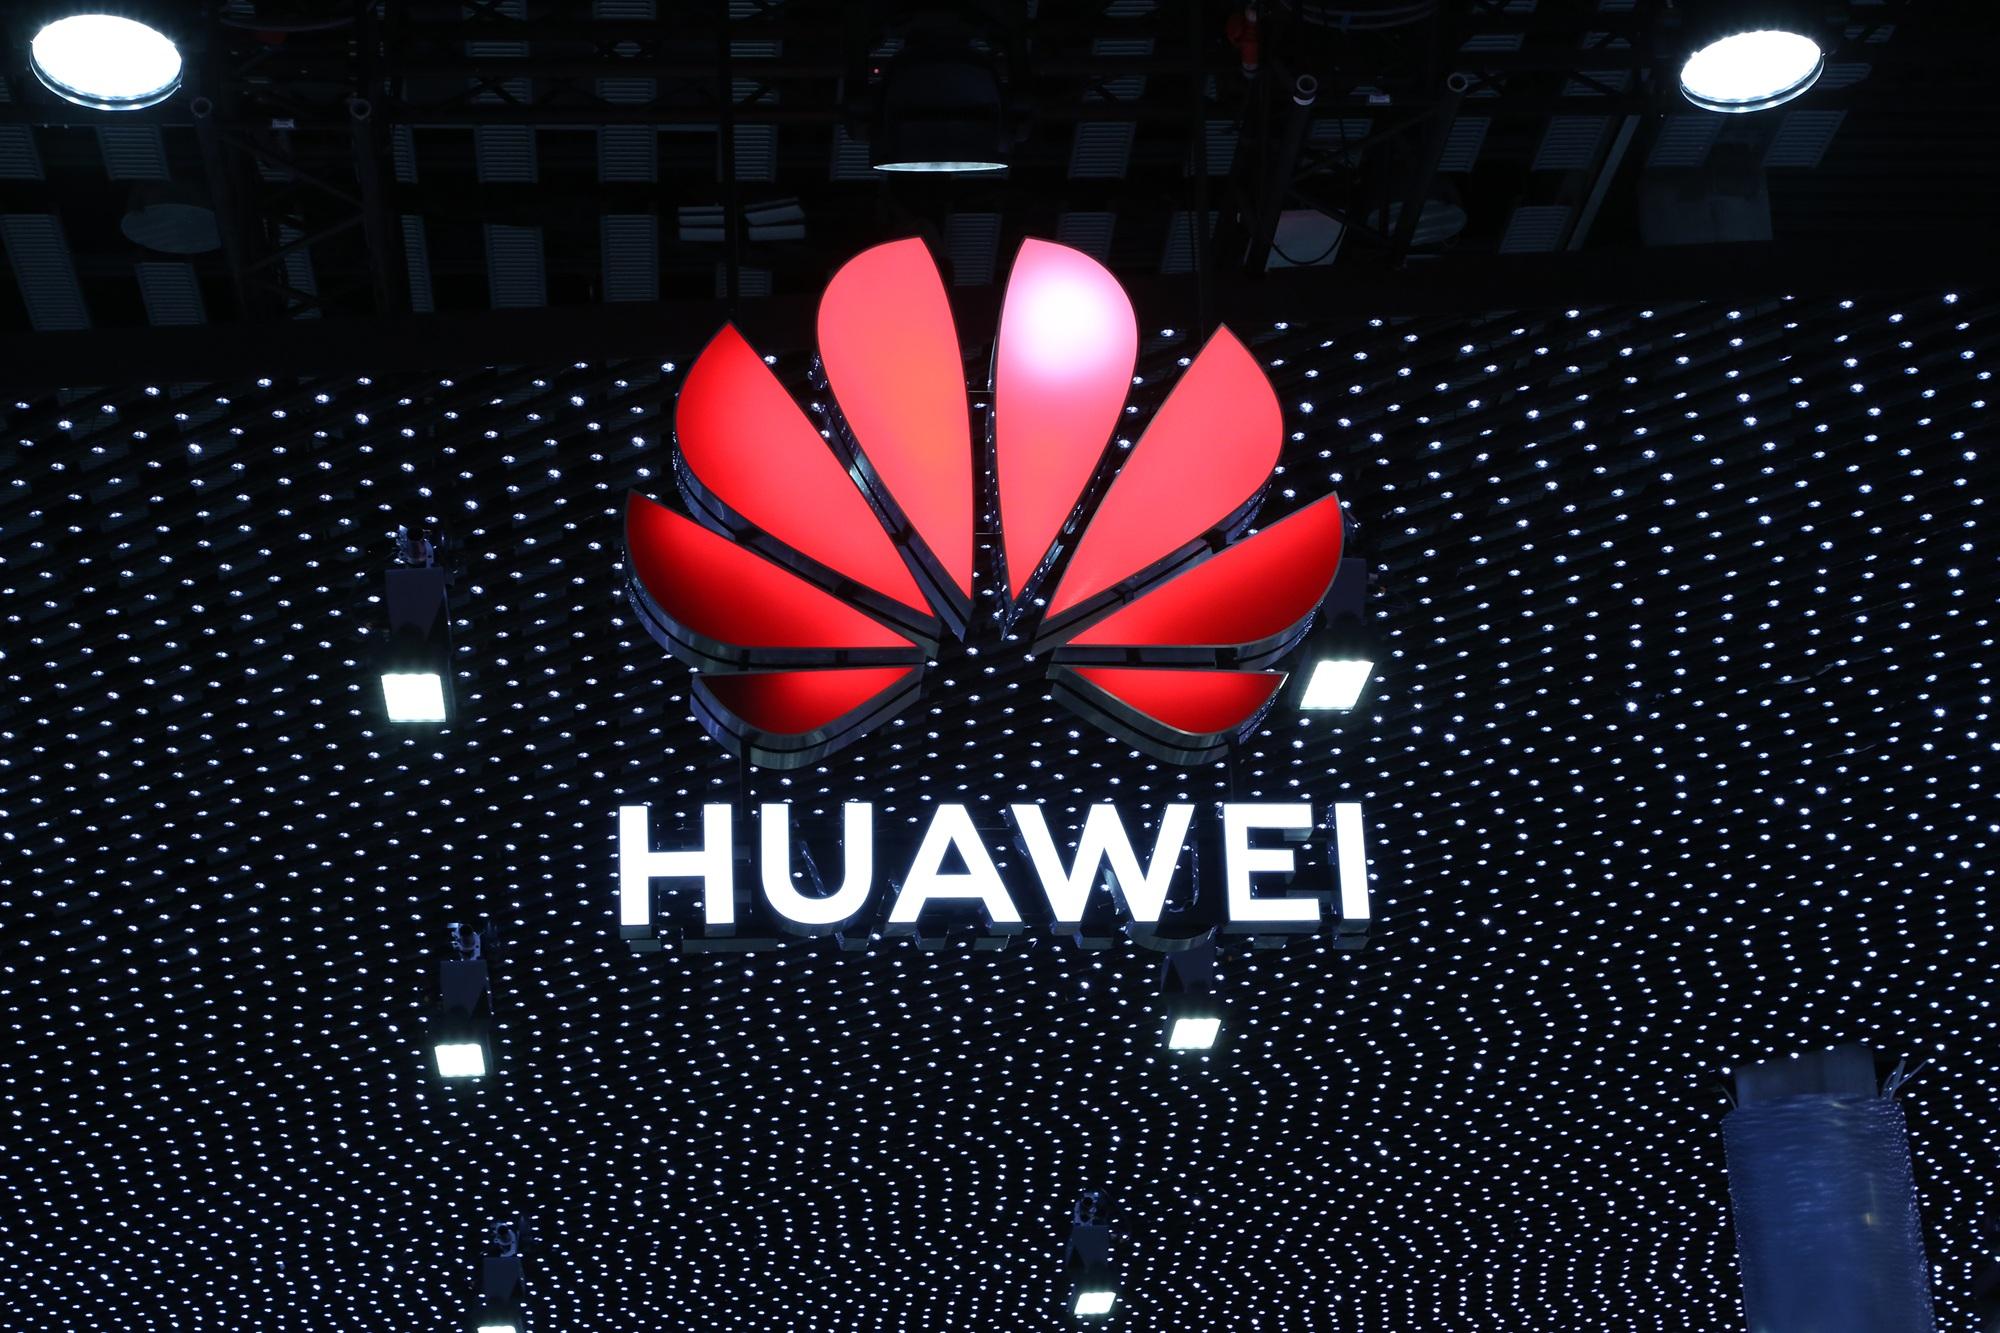 Huawei Africa